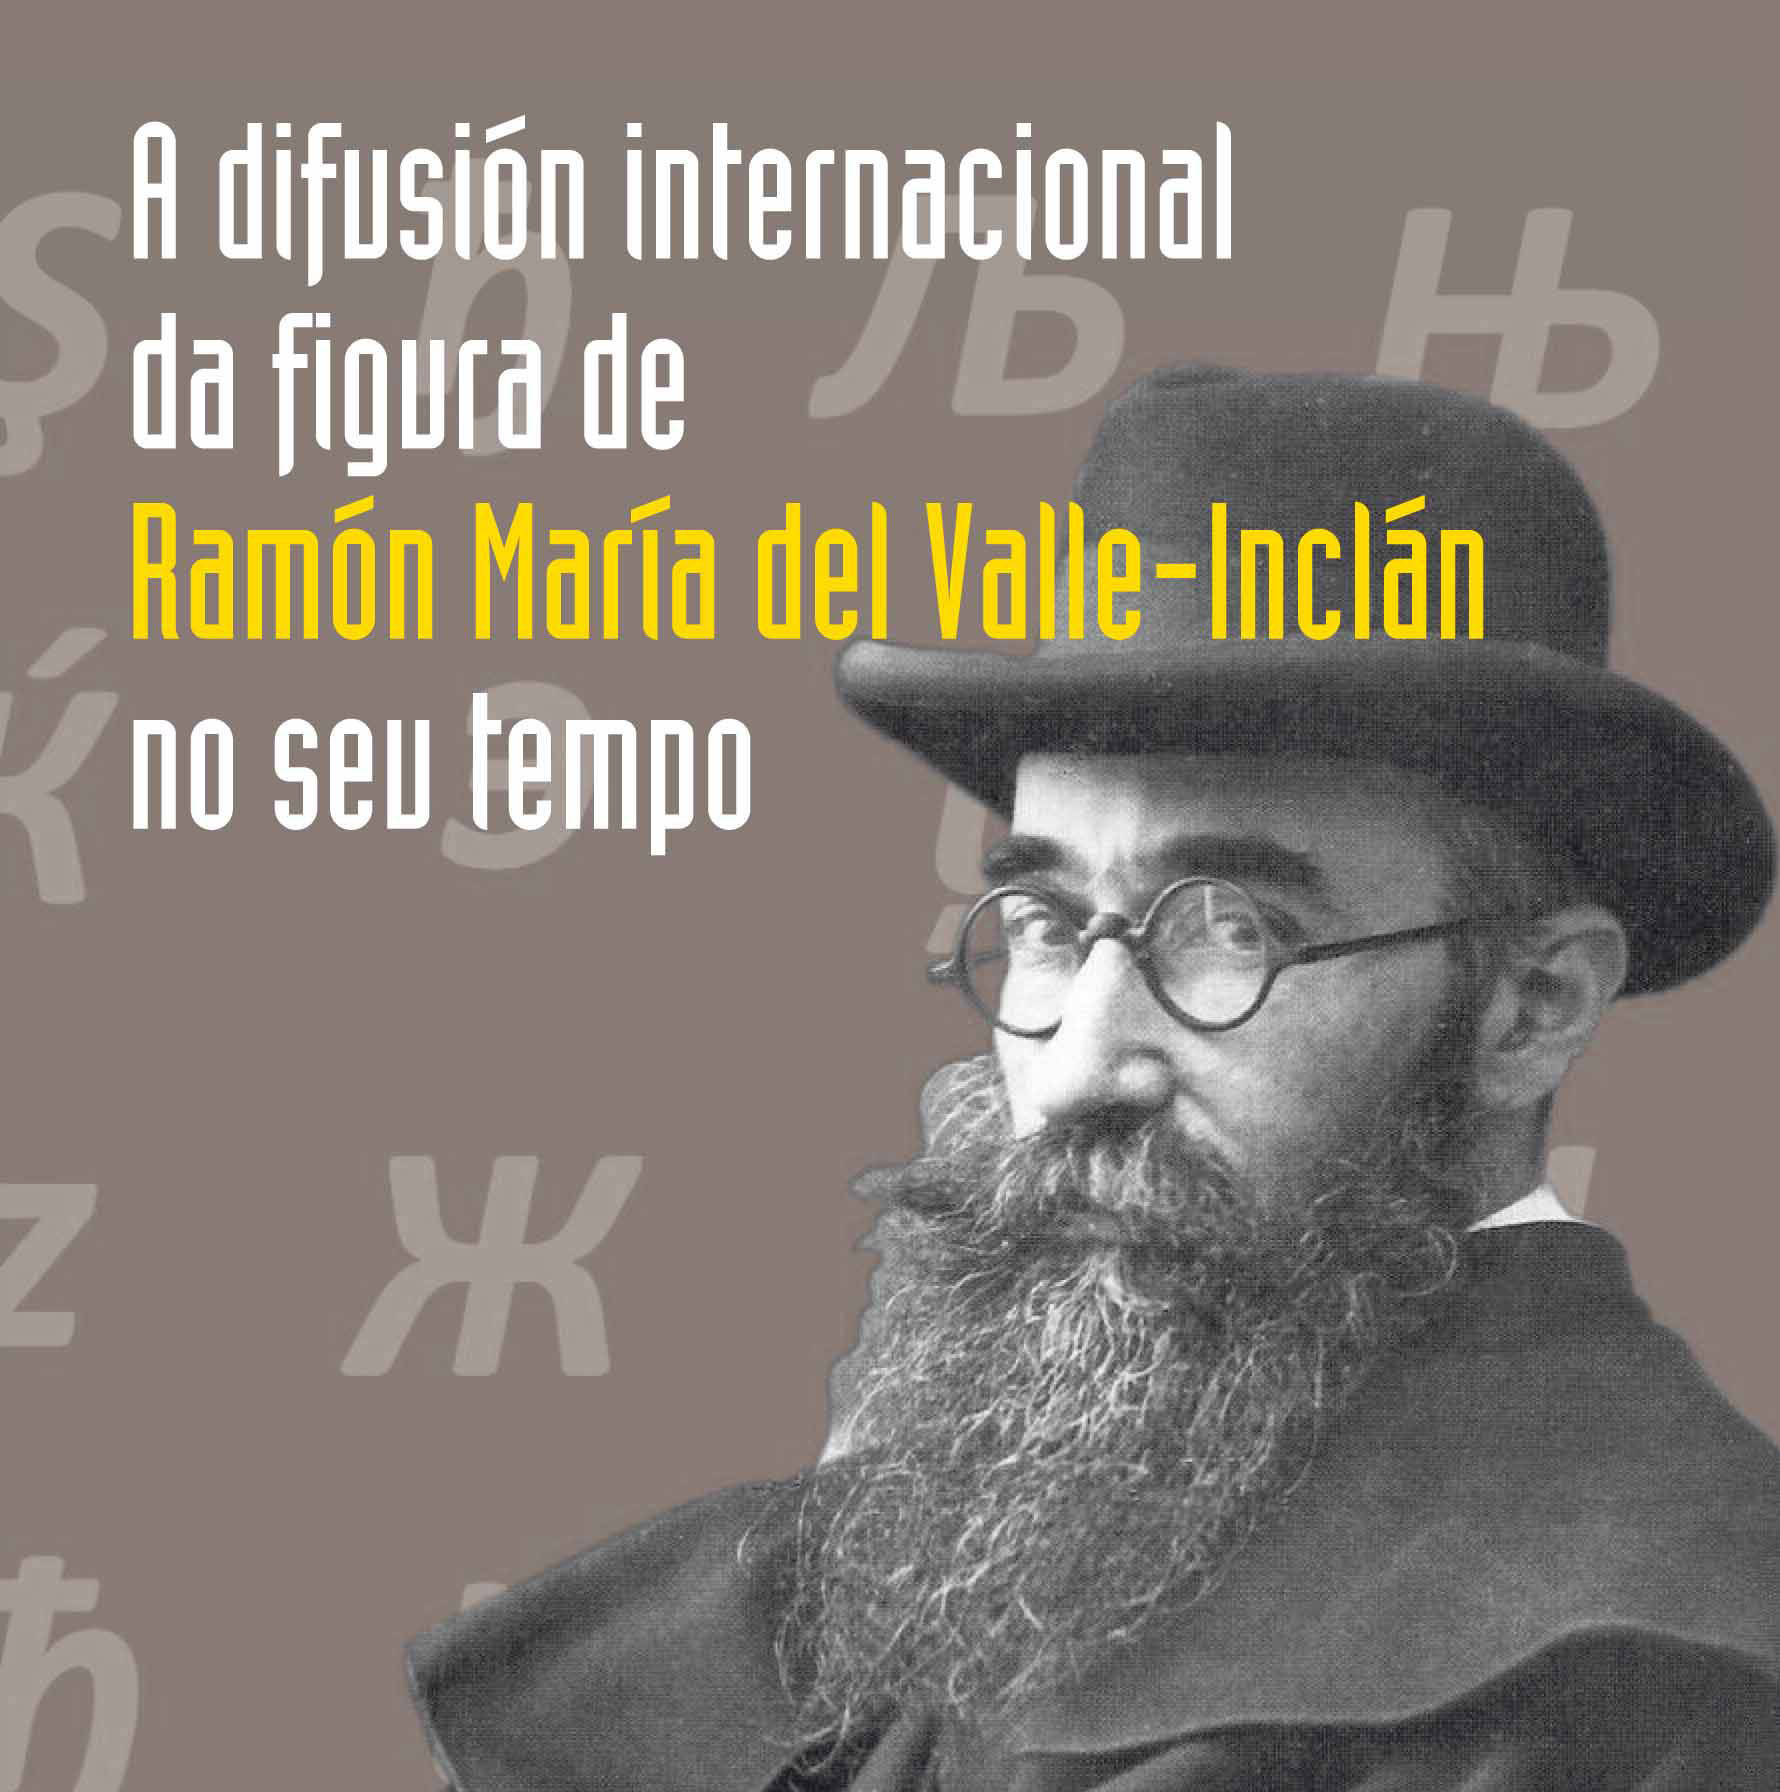 A difusión internacional da figura de Ramón María del Valle-Inclán no seu tempo